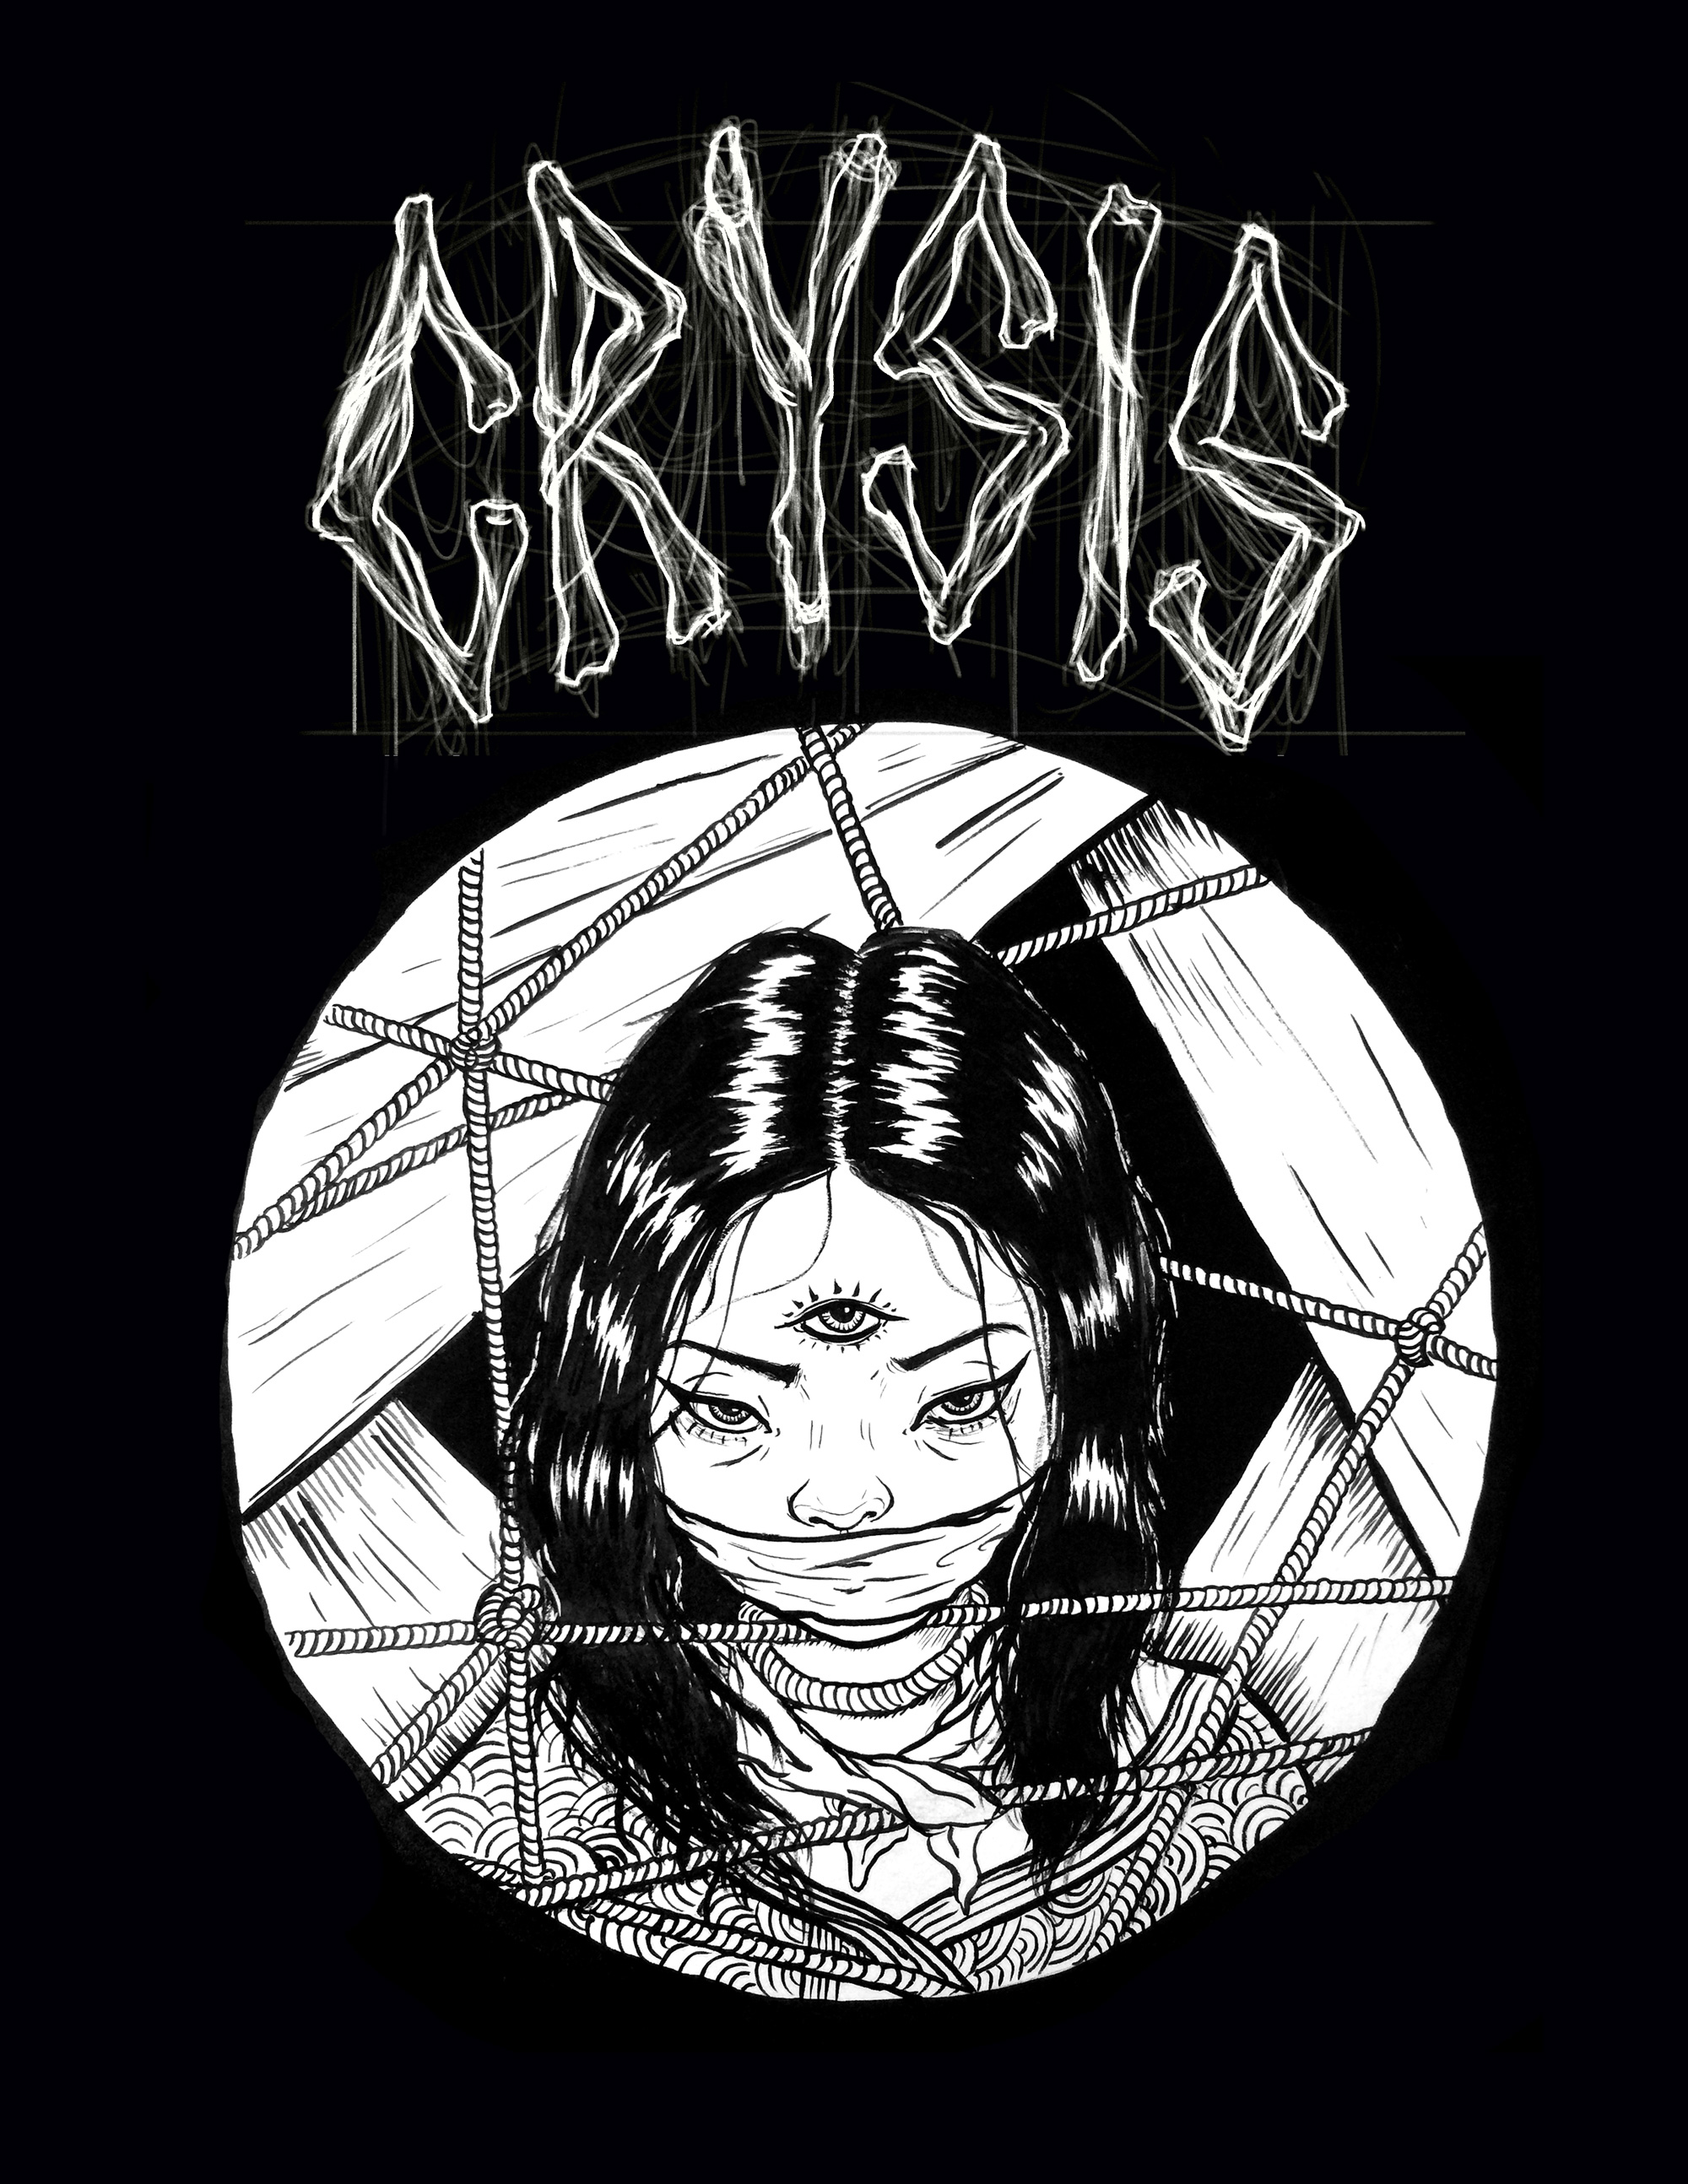 crysis_comp.jpg